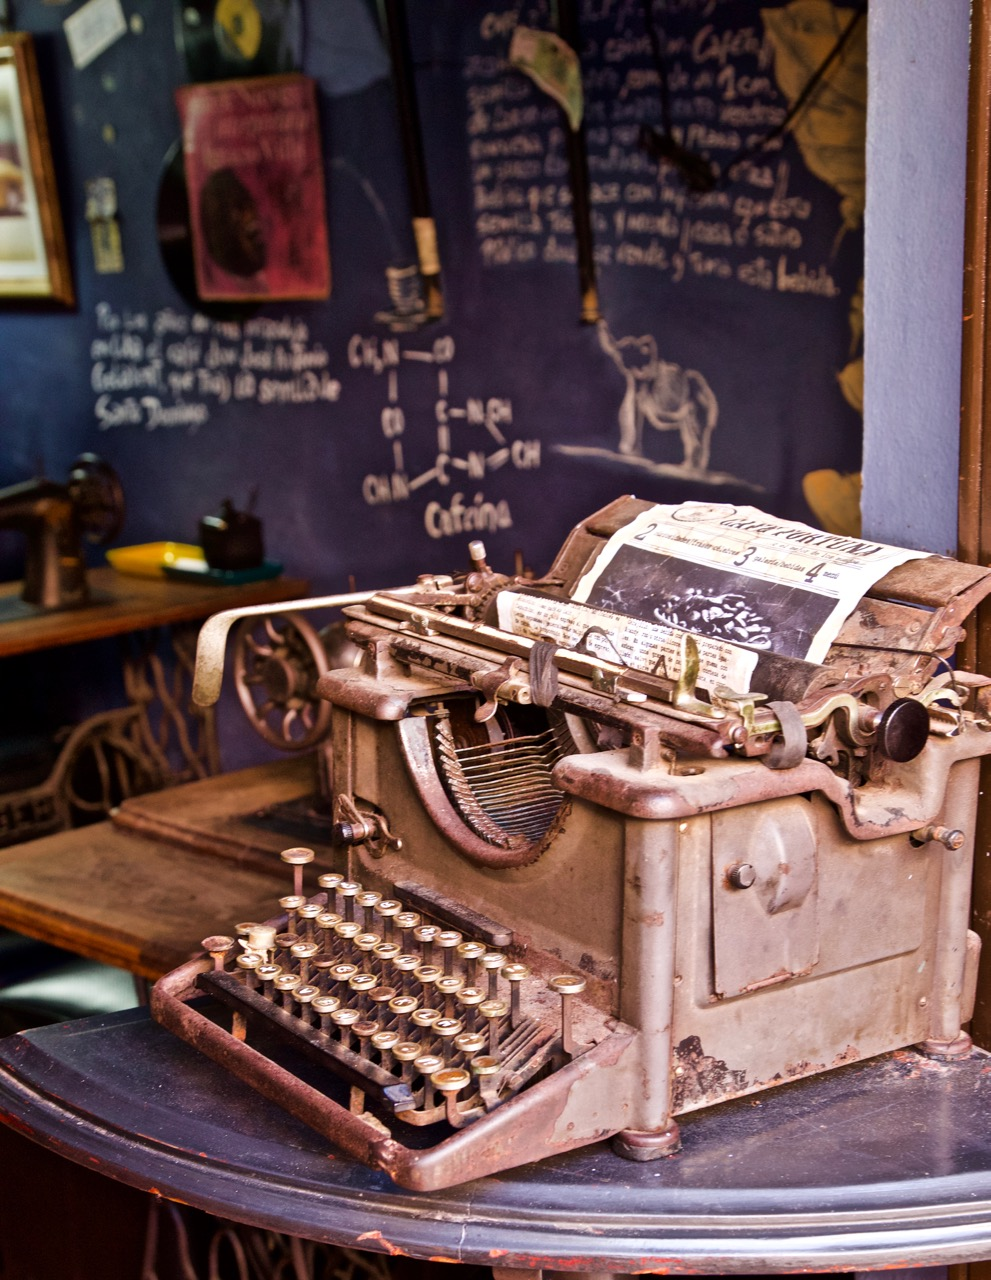 typewriter, Trinidad